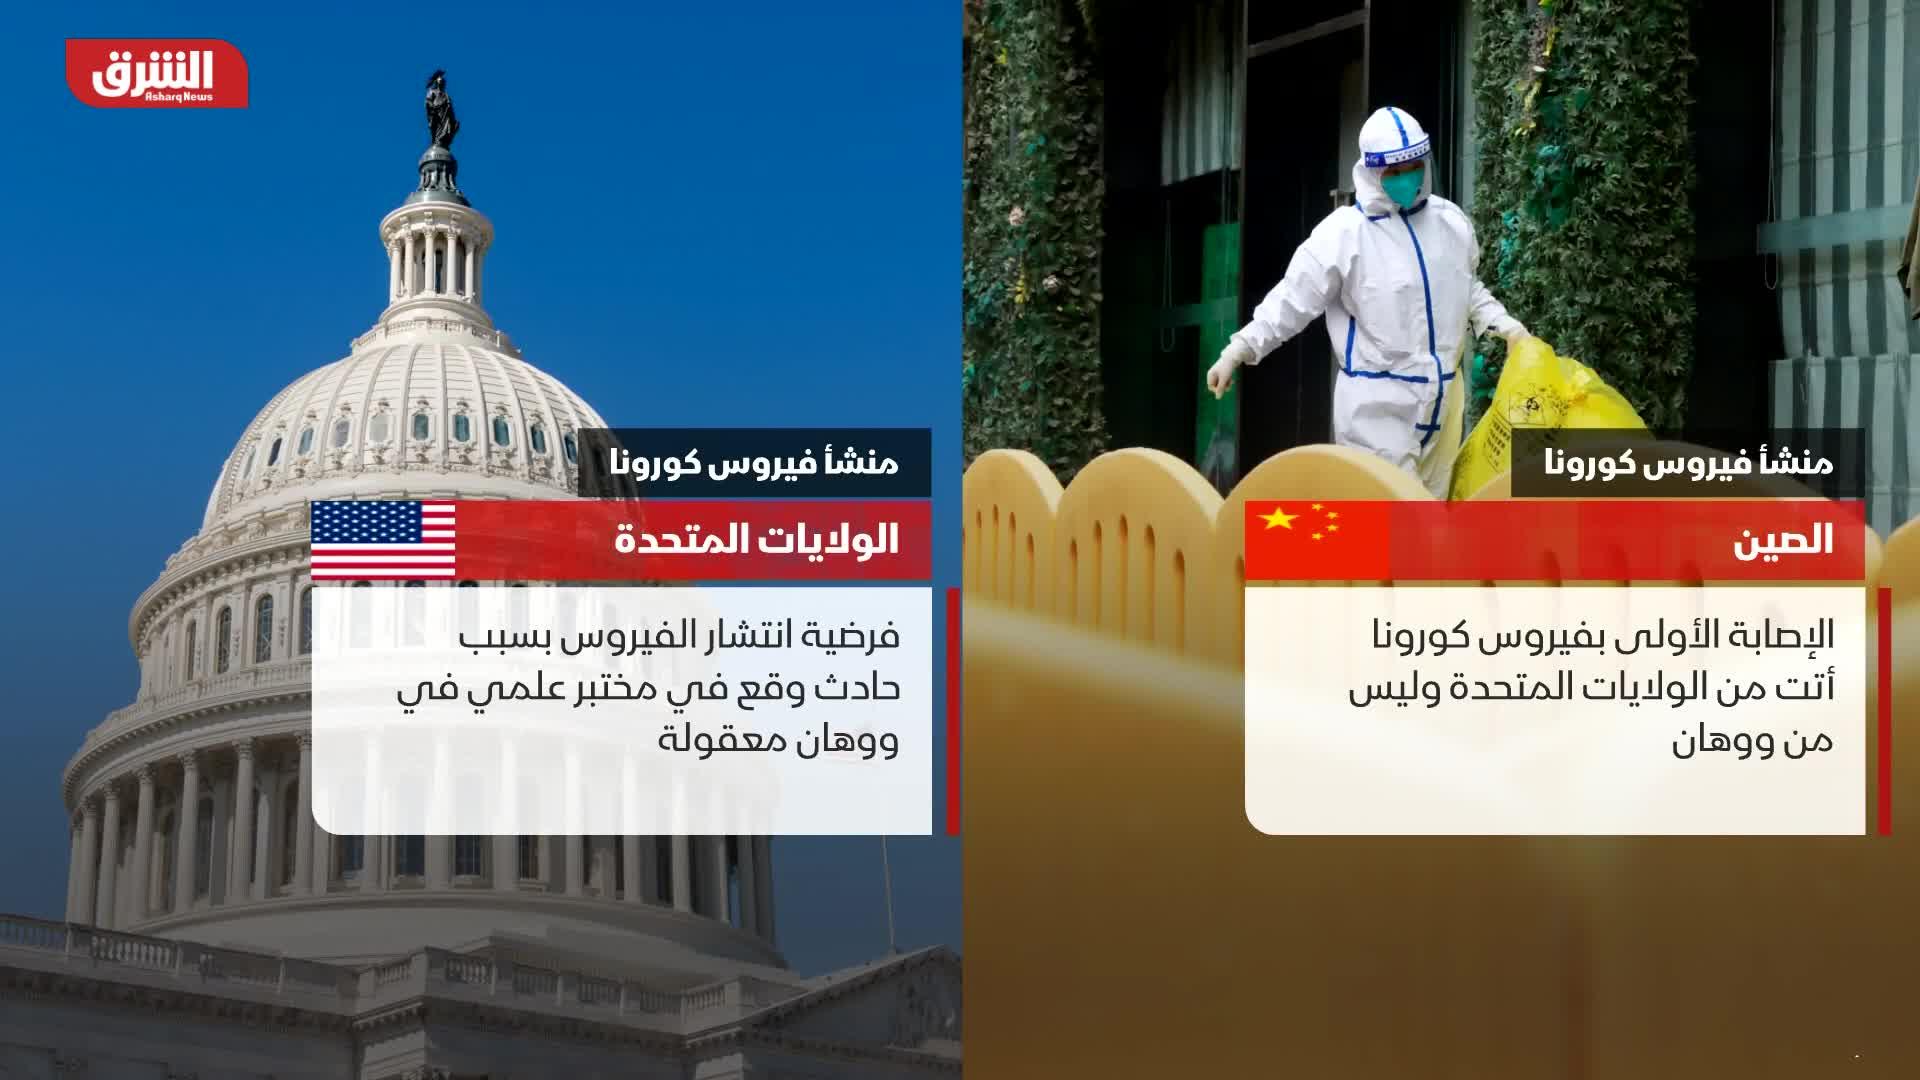 منشأ فيروس كورونا في كل من الصين والولايات المتحدة